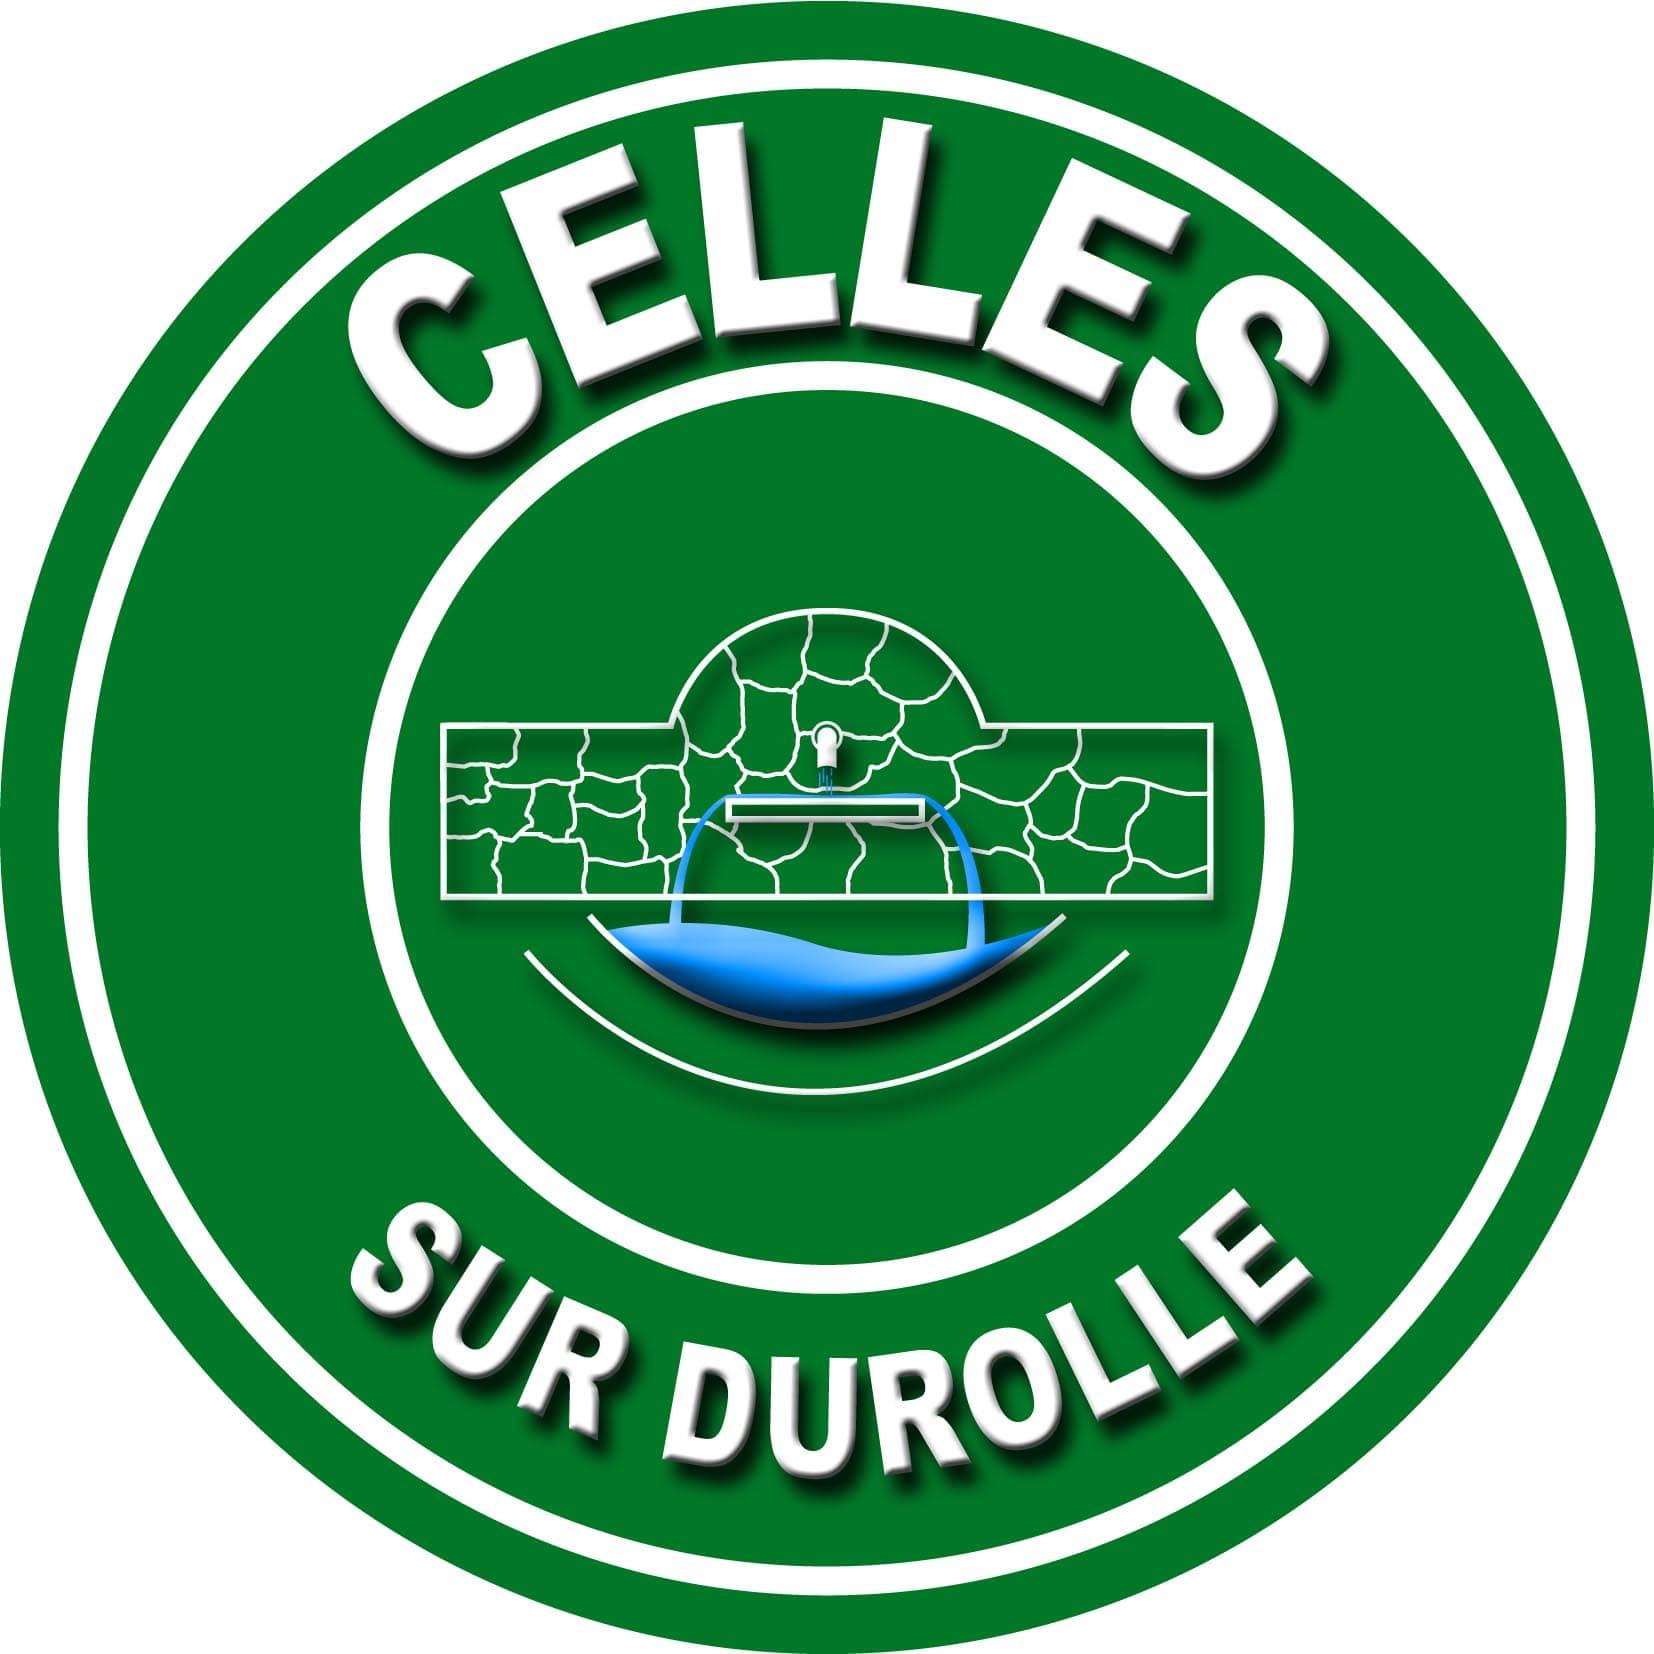 Mairie de Celles sur Durolle